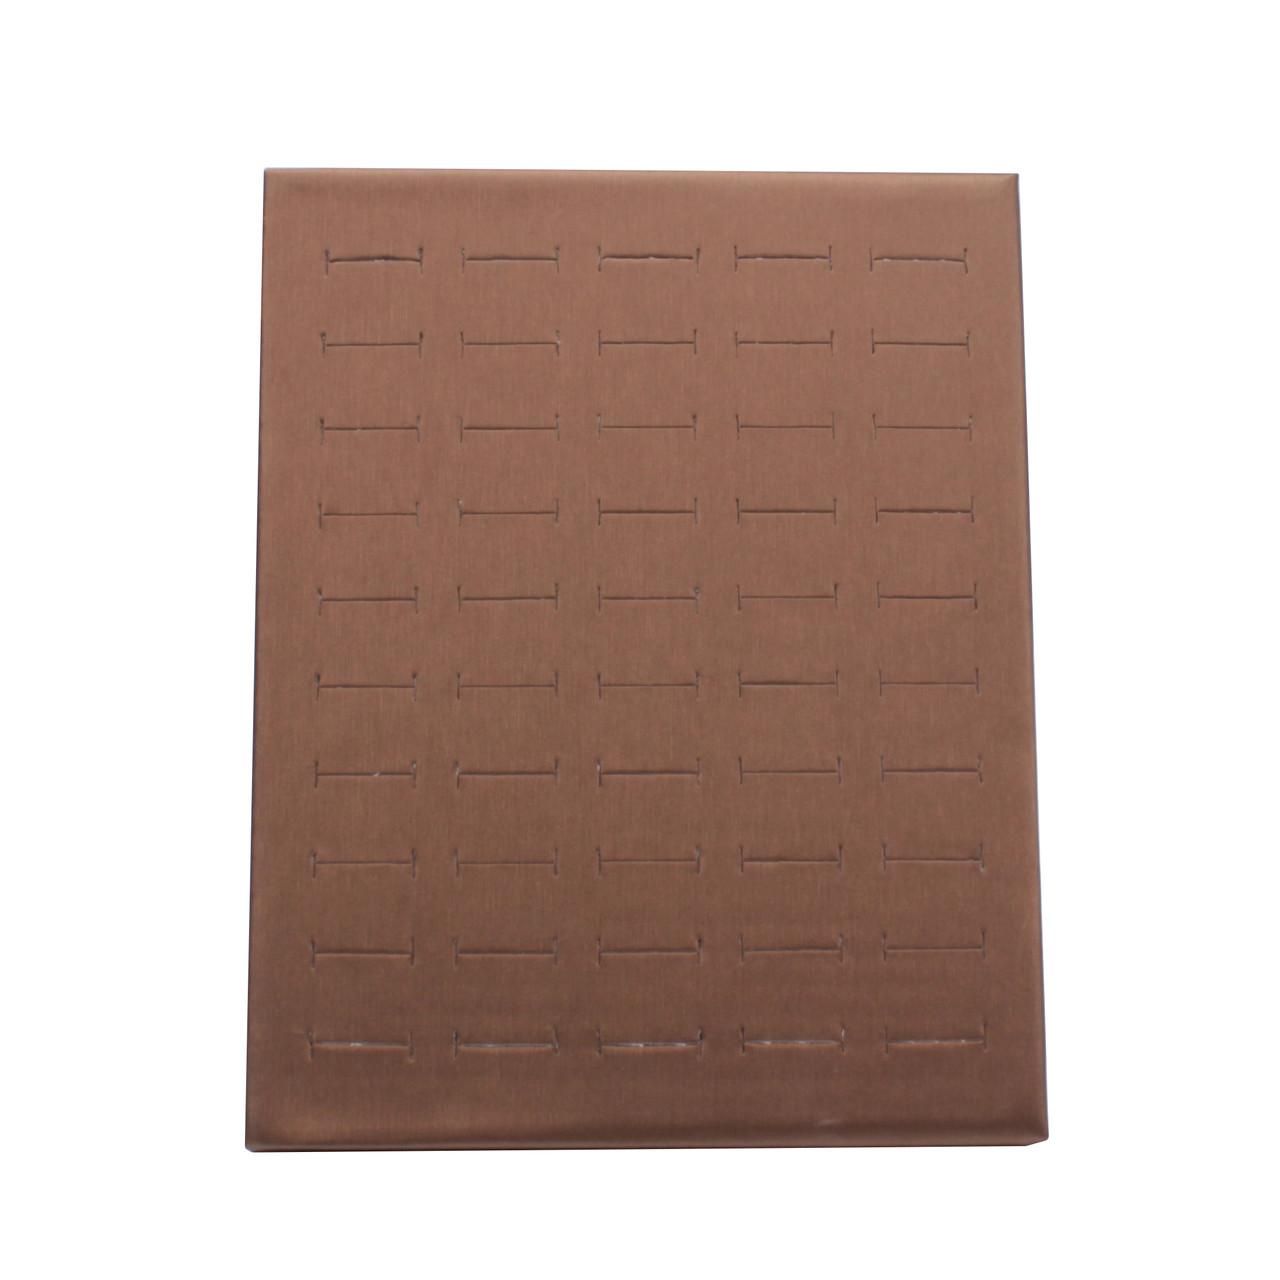 """Стойка планшет """"Под кольца коричневая эко-кожа 50 прорезей 24 х 20 х 10 см"""""""